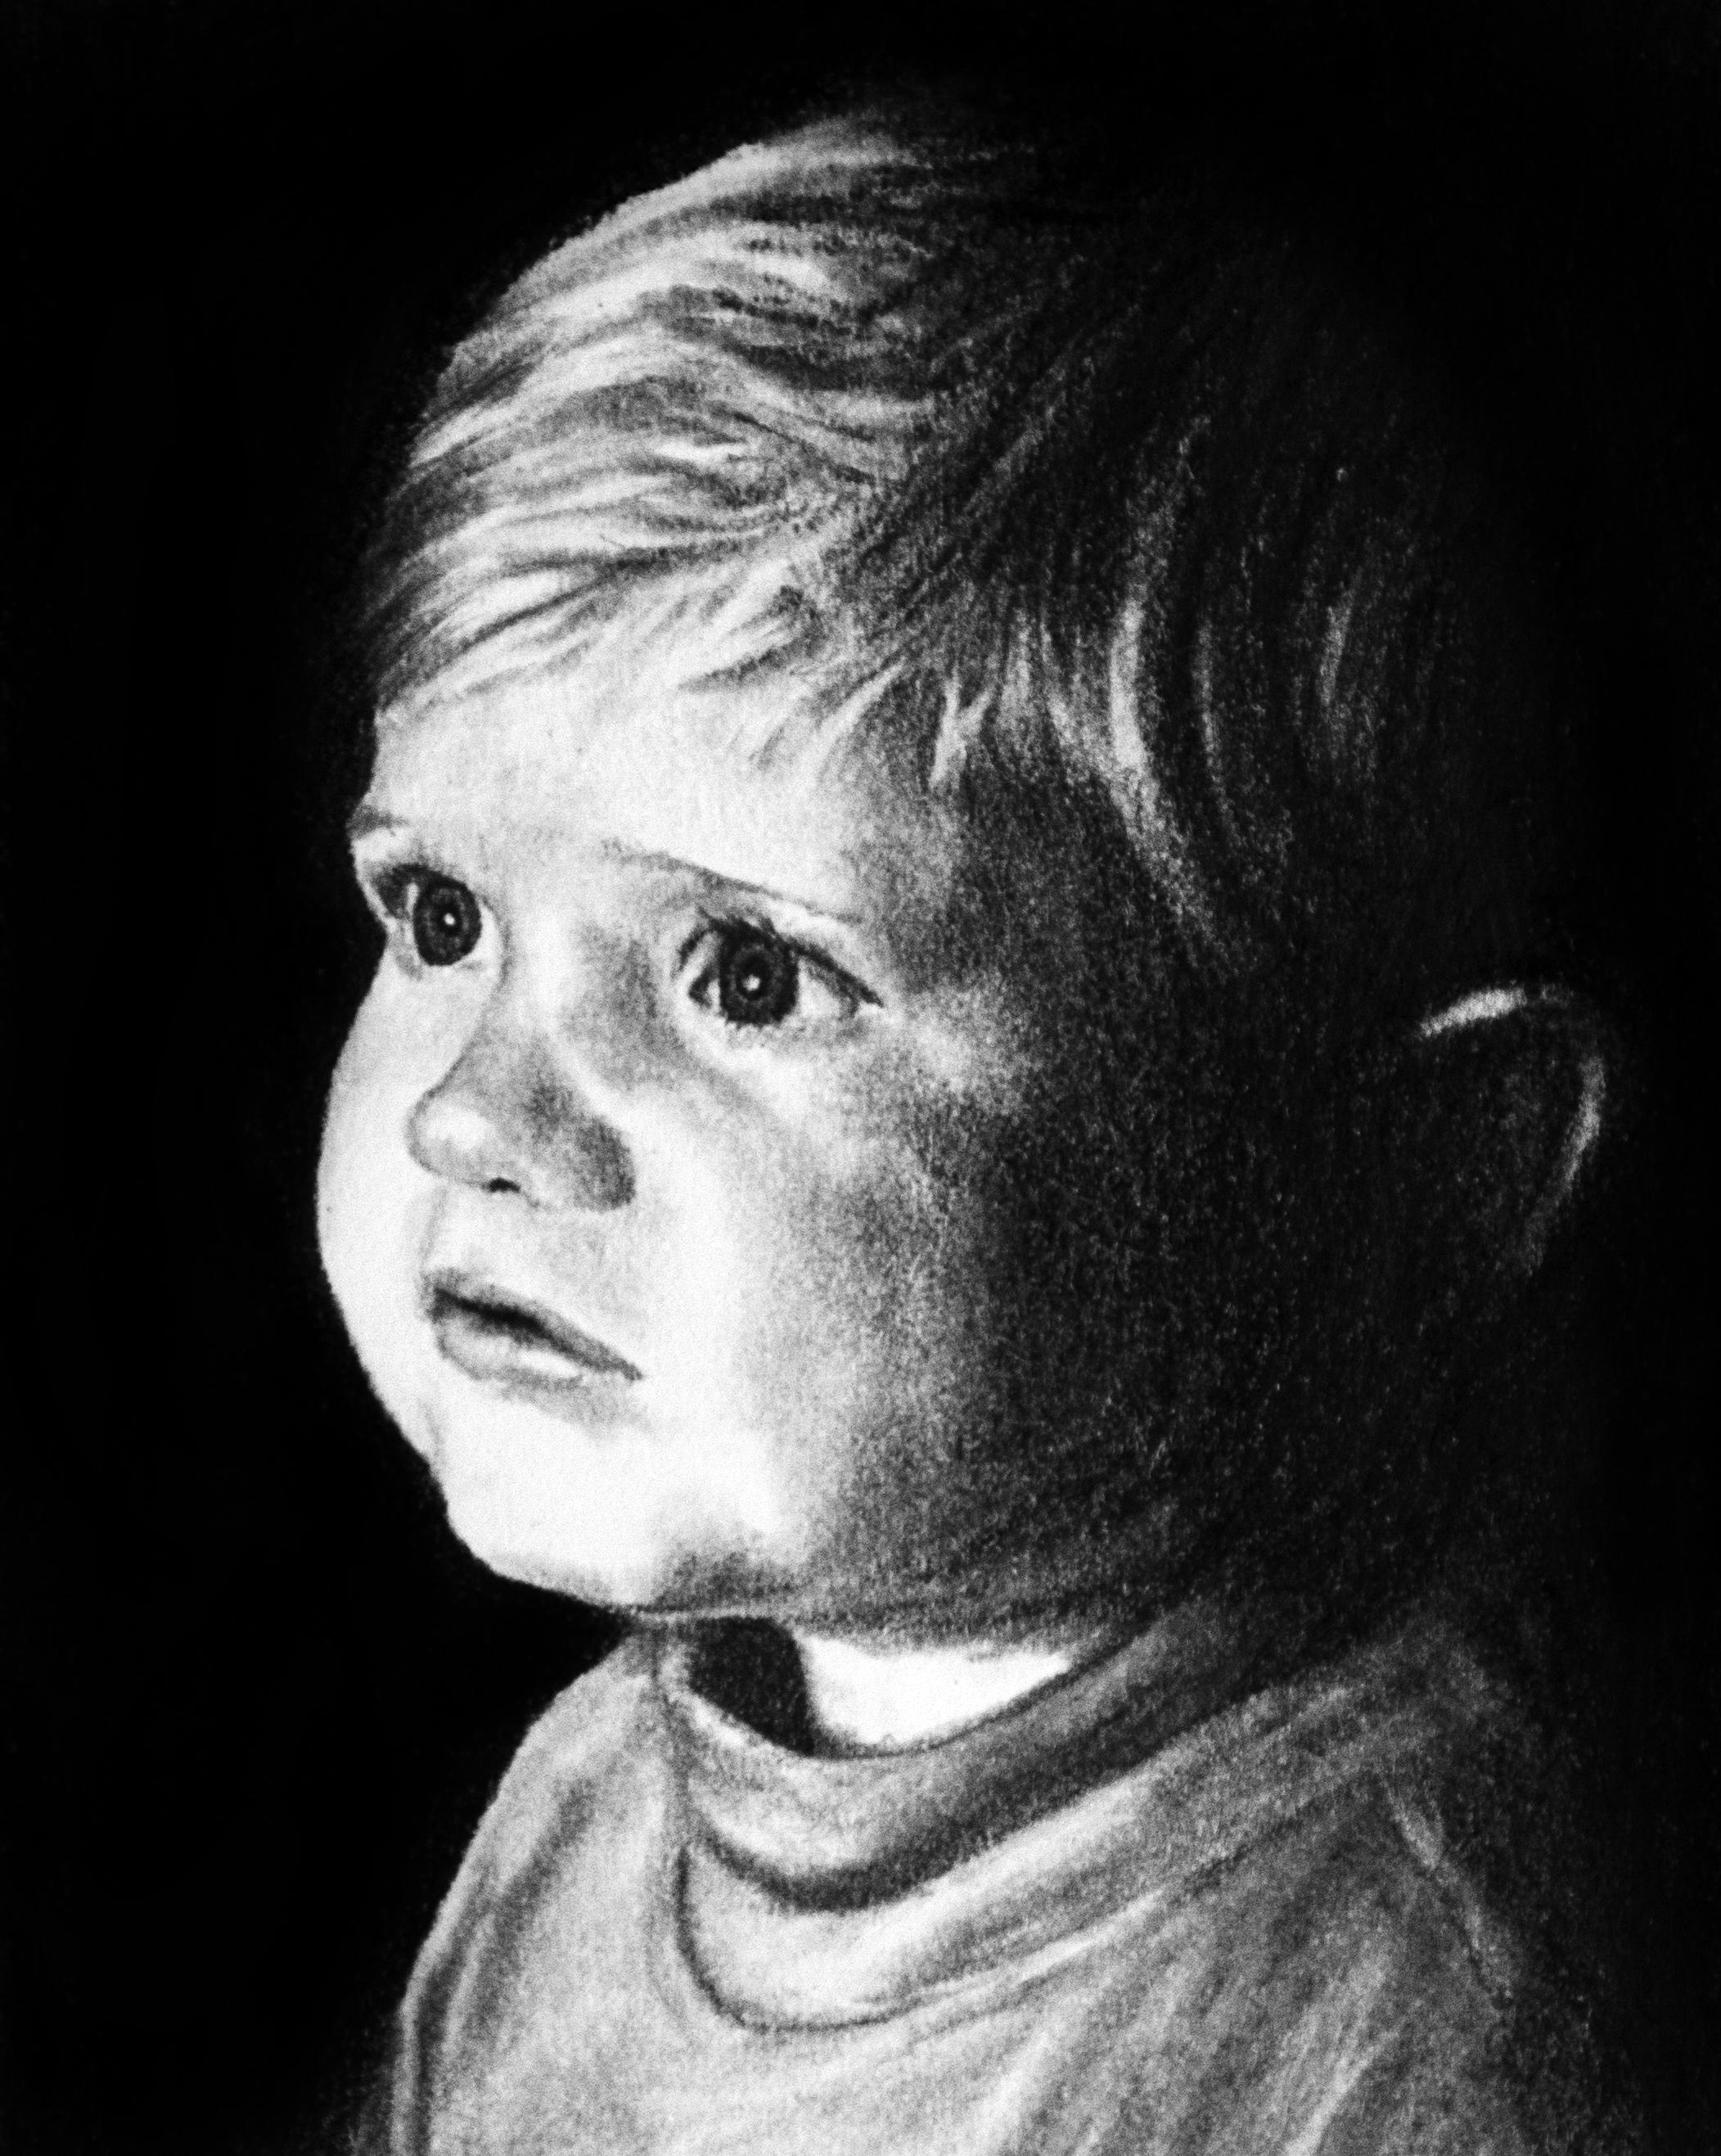 Drawn portrait kid Kid Child – John Drawing